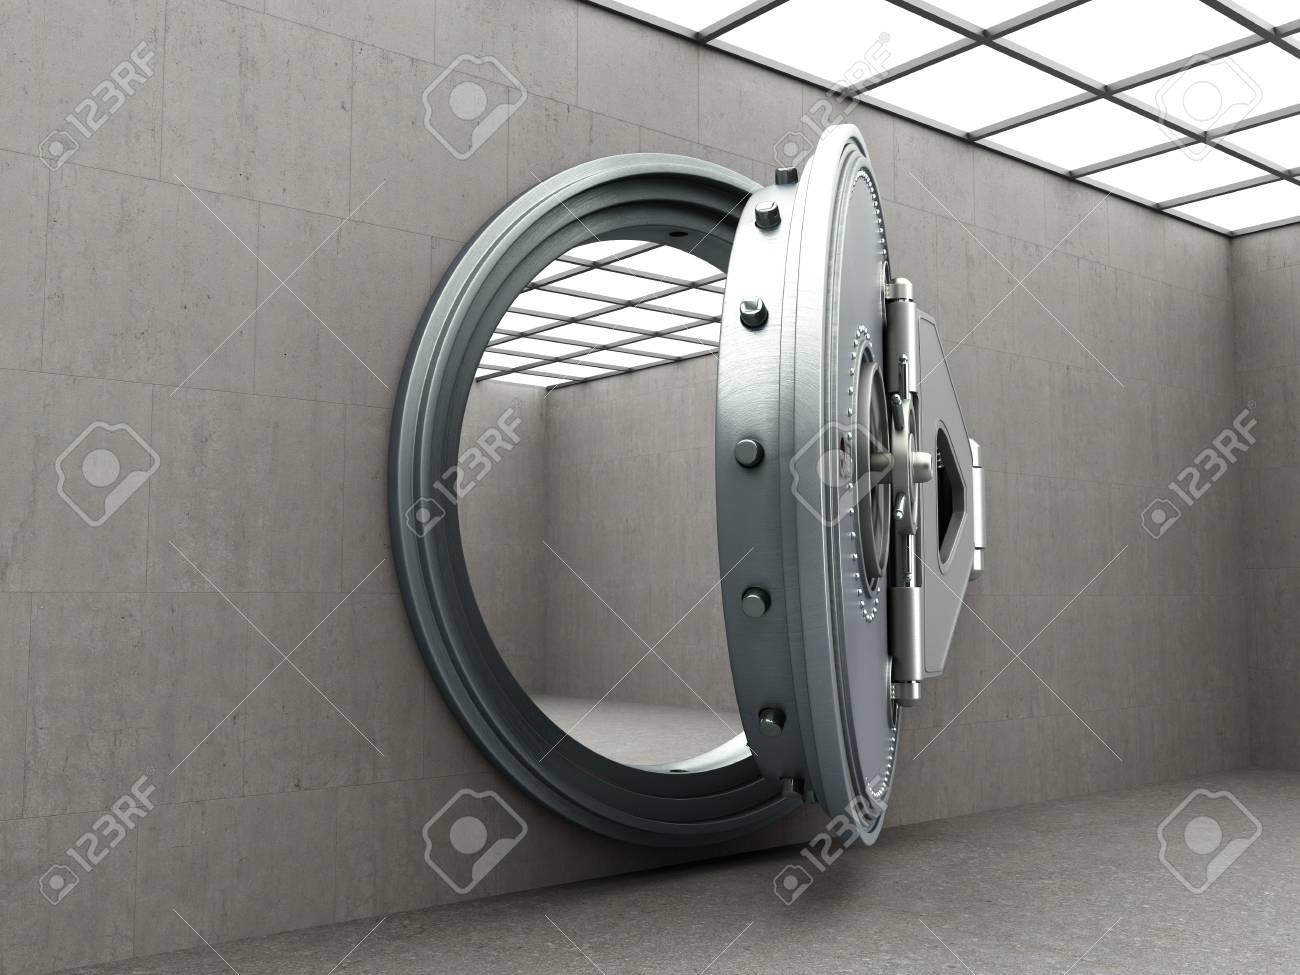 Big safe door with empty ingots High resolution 3D image